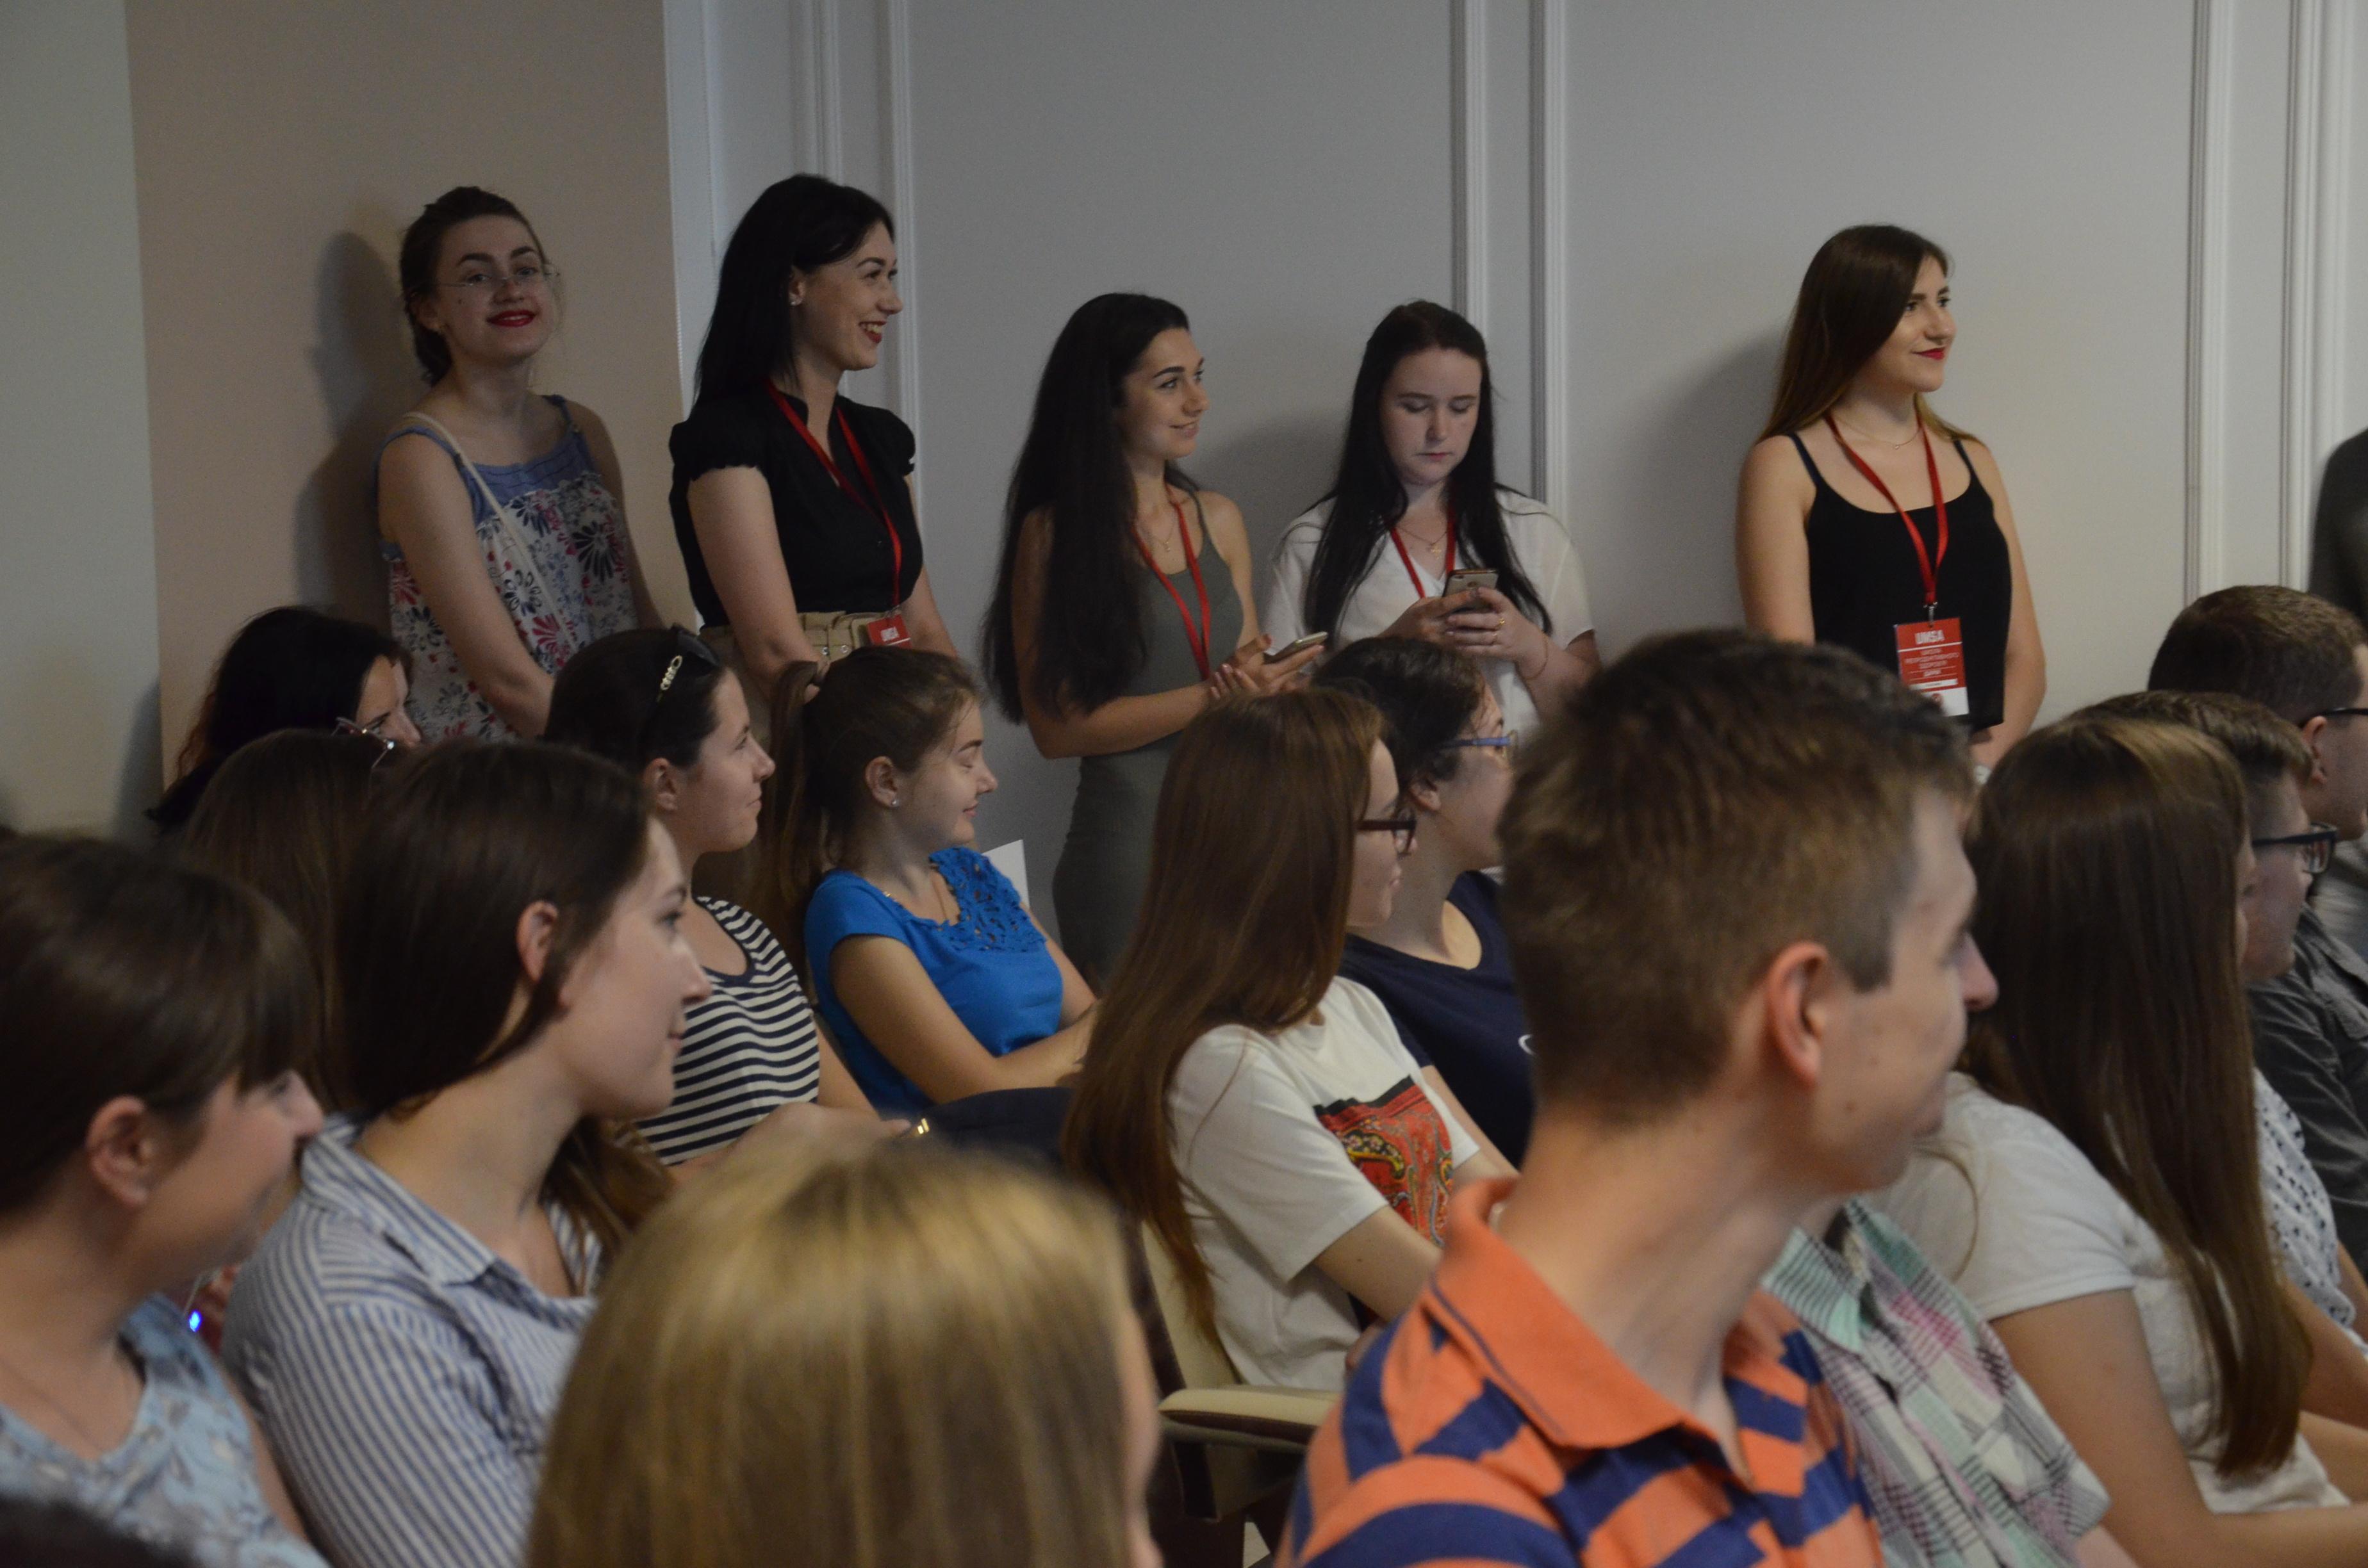 Франківські студенти-медики провели майже пів сотні лекцій для підлітків про інтим 2